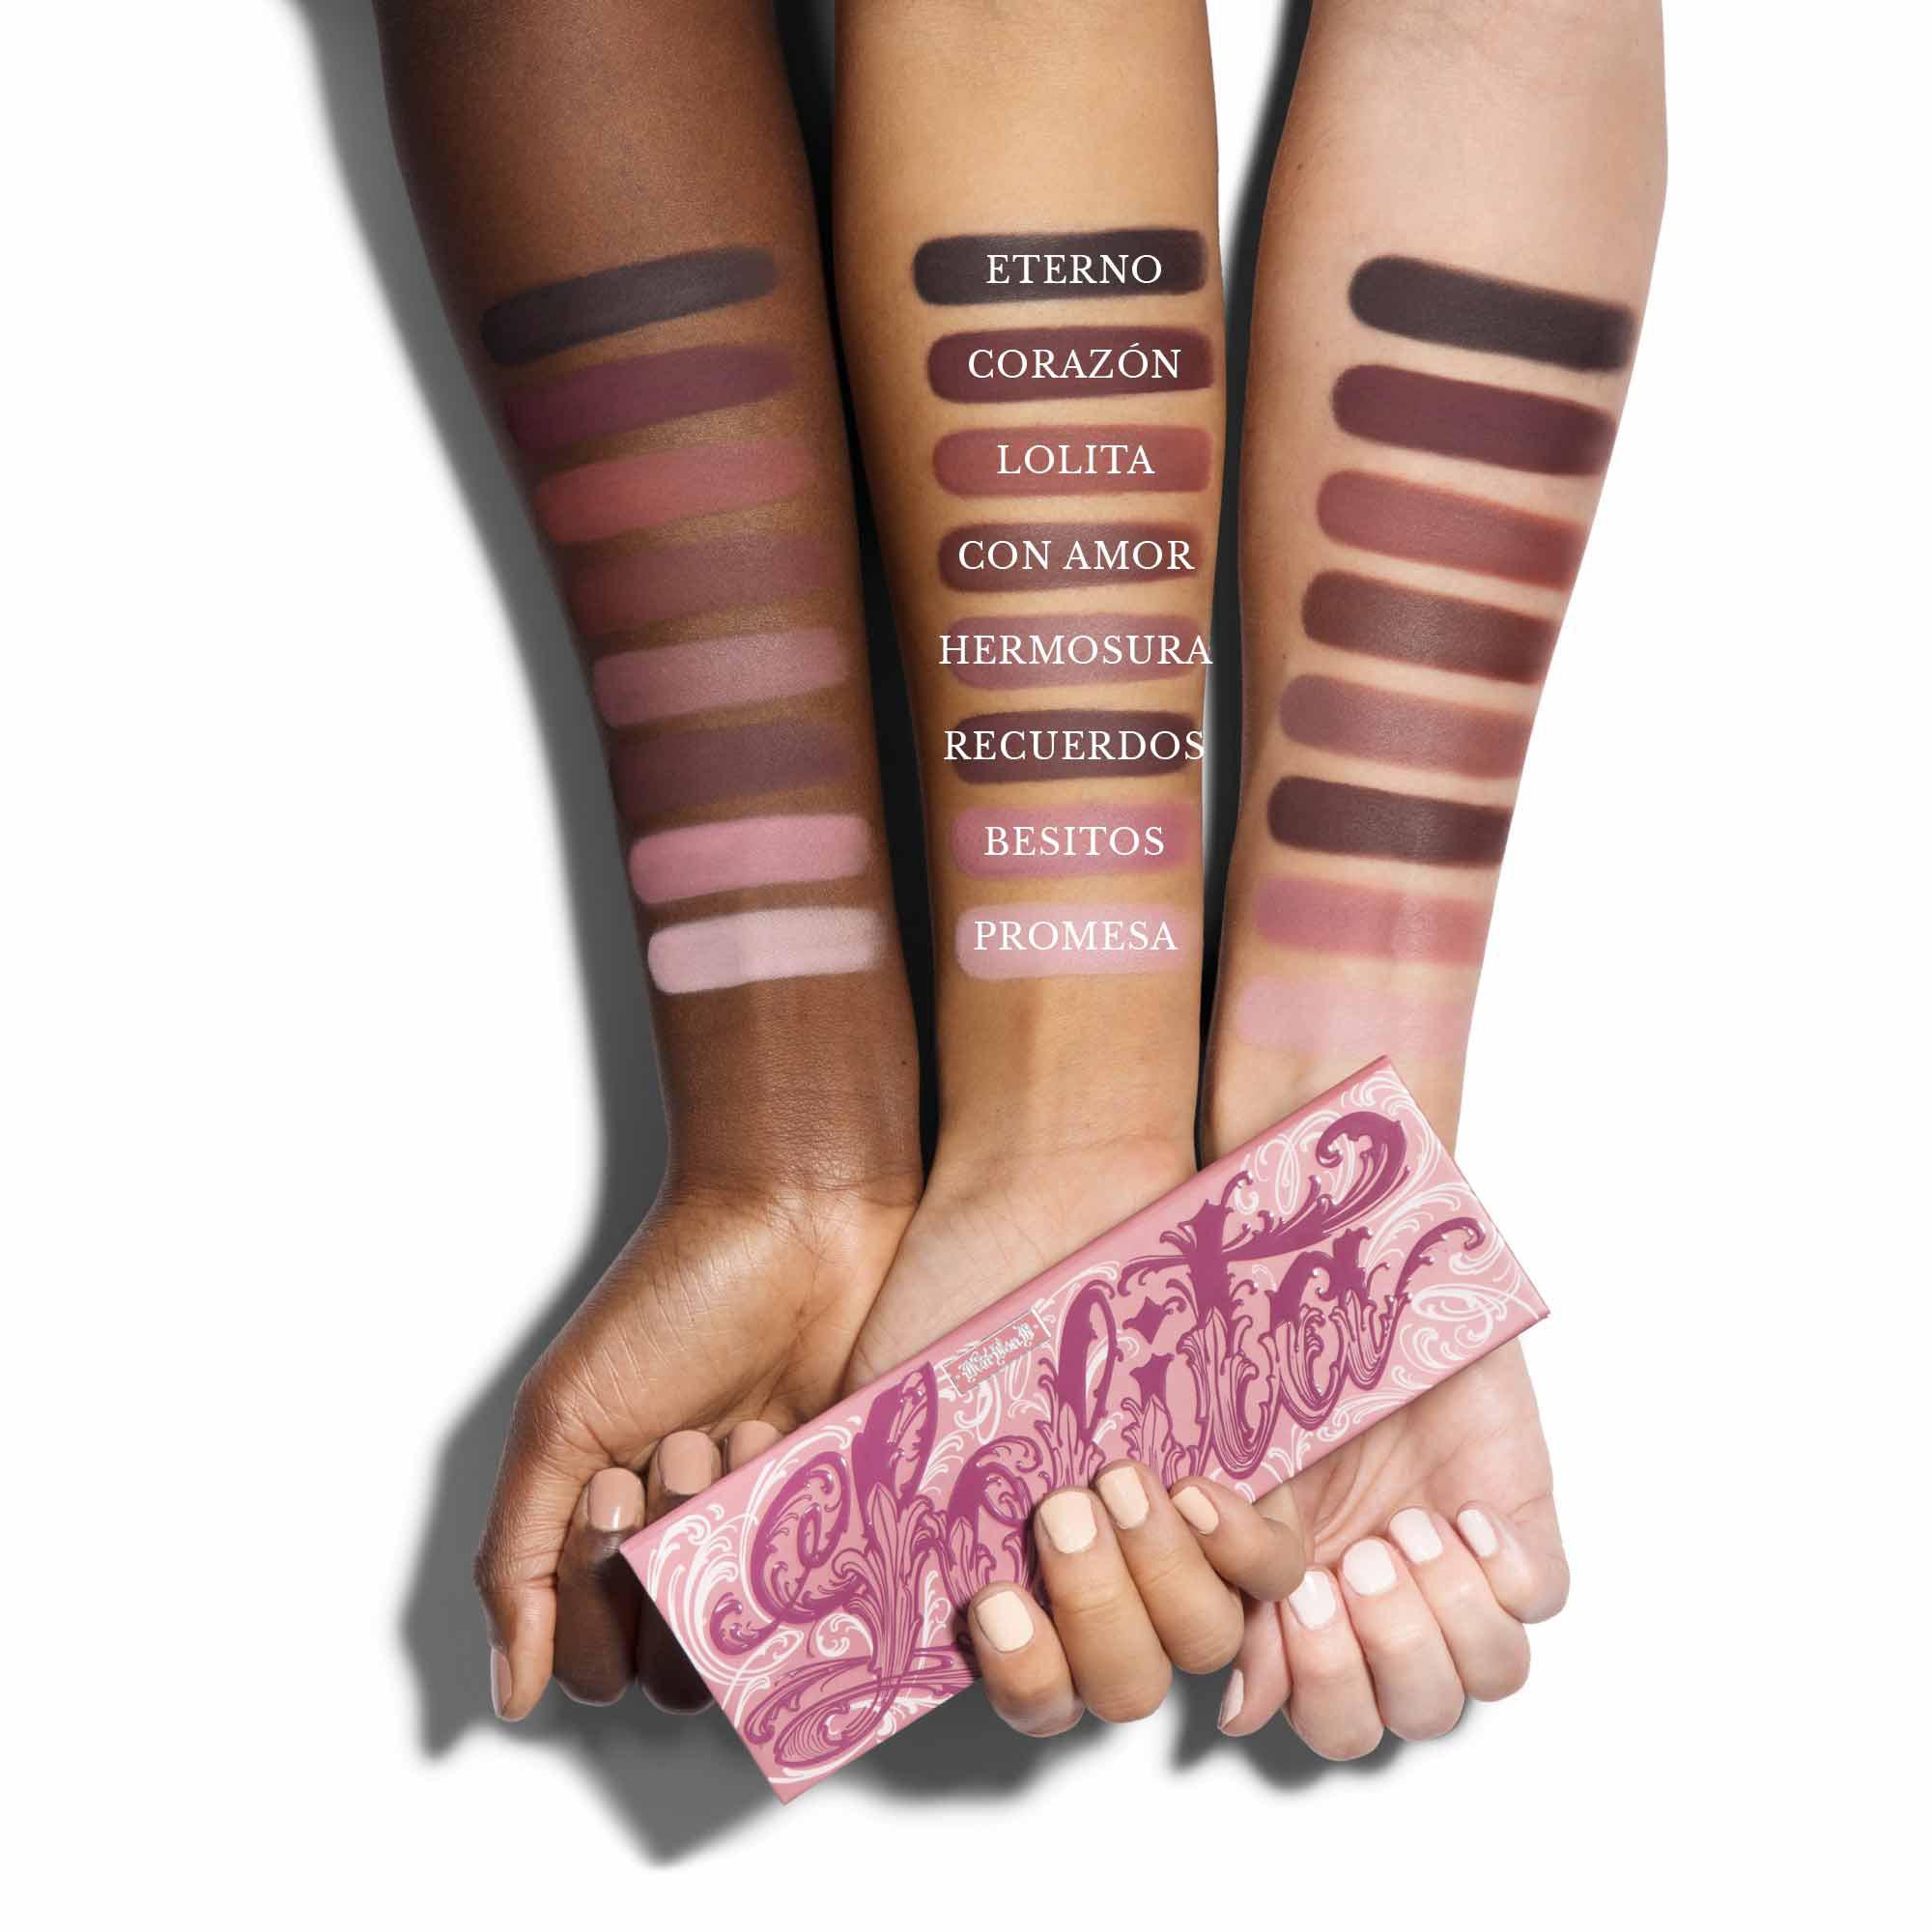 Kat Von D Beauty Lolita Eyeshadow Palette